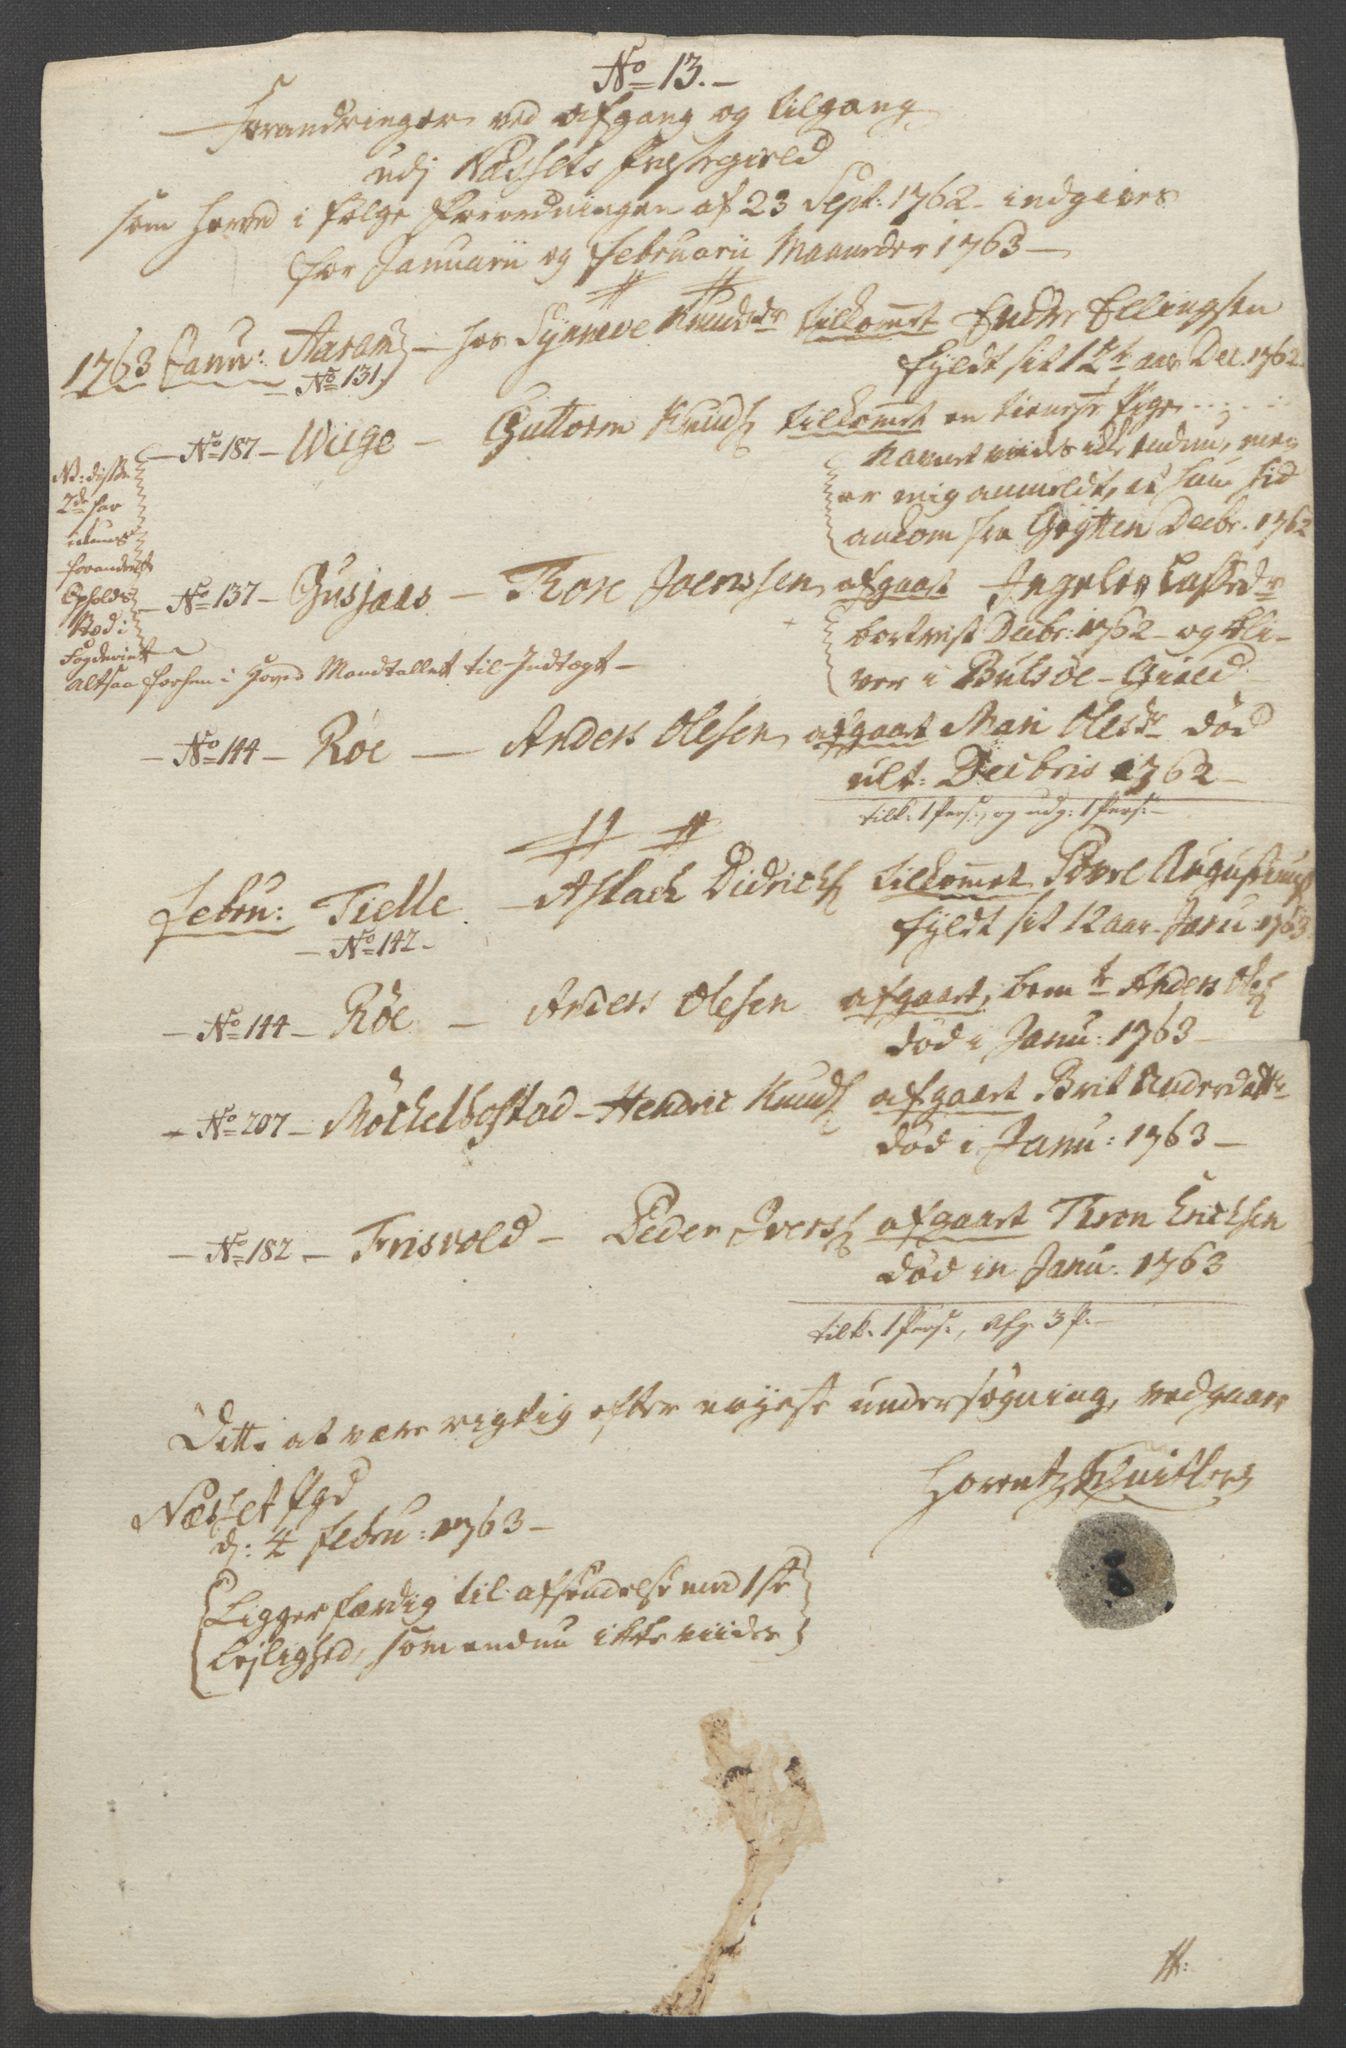 RA, Rentekammeret inntil 1814, Reviderte regnskaper, Fogderegnskap, R55/L3730: Ekstraskatten Romsdal, 1762-1763, s. 388